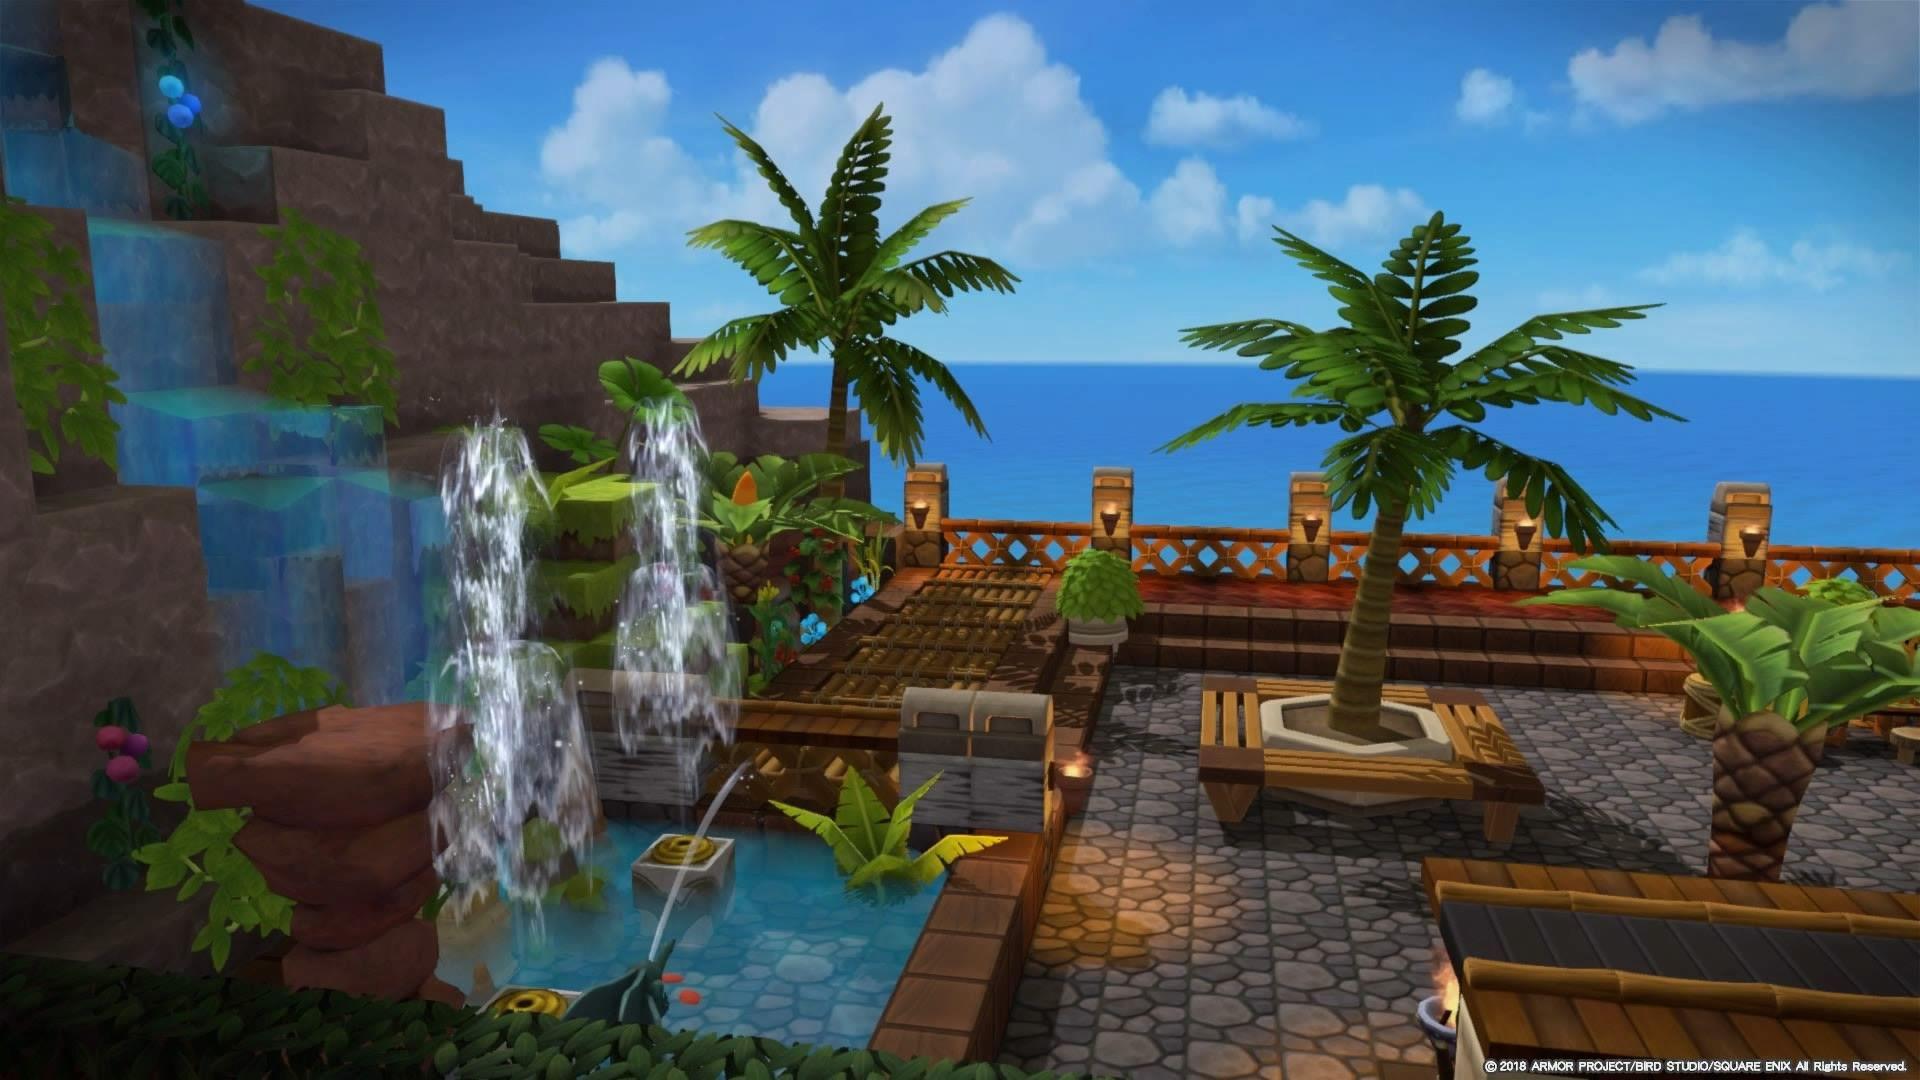 ビルダーズギャラリー ドラゴンクエストビルダーズ2 Square Enix 建物 イラスト シドー 美しい場所